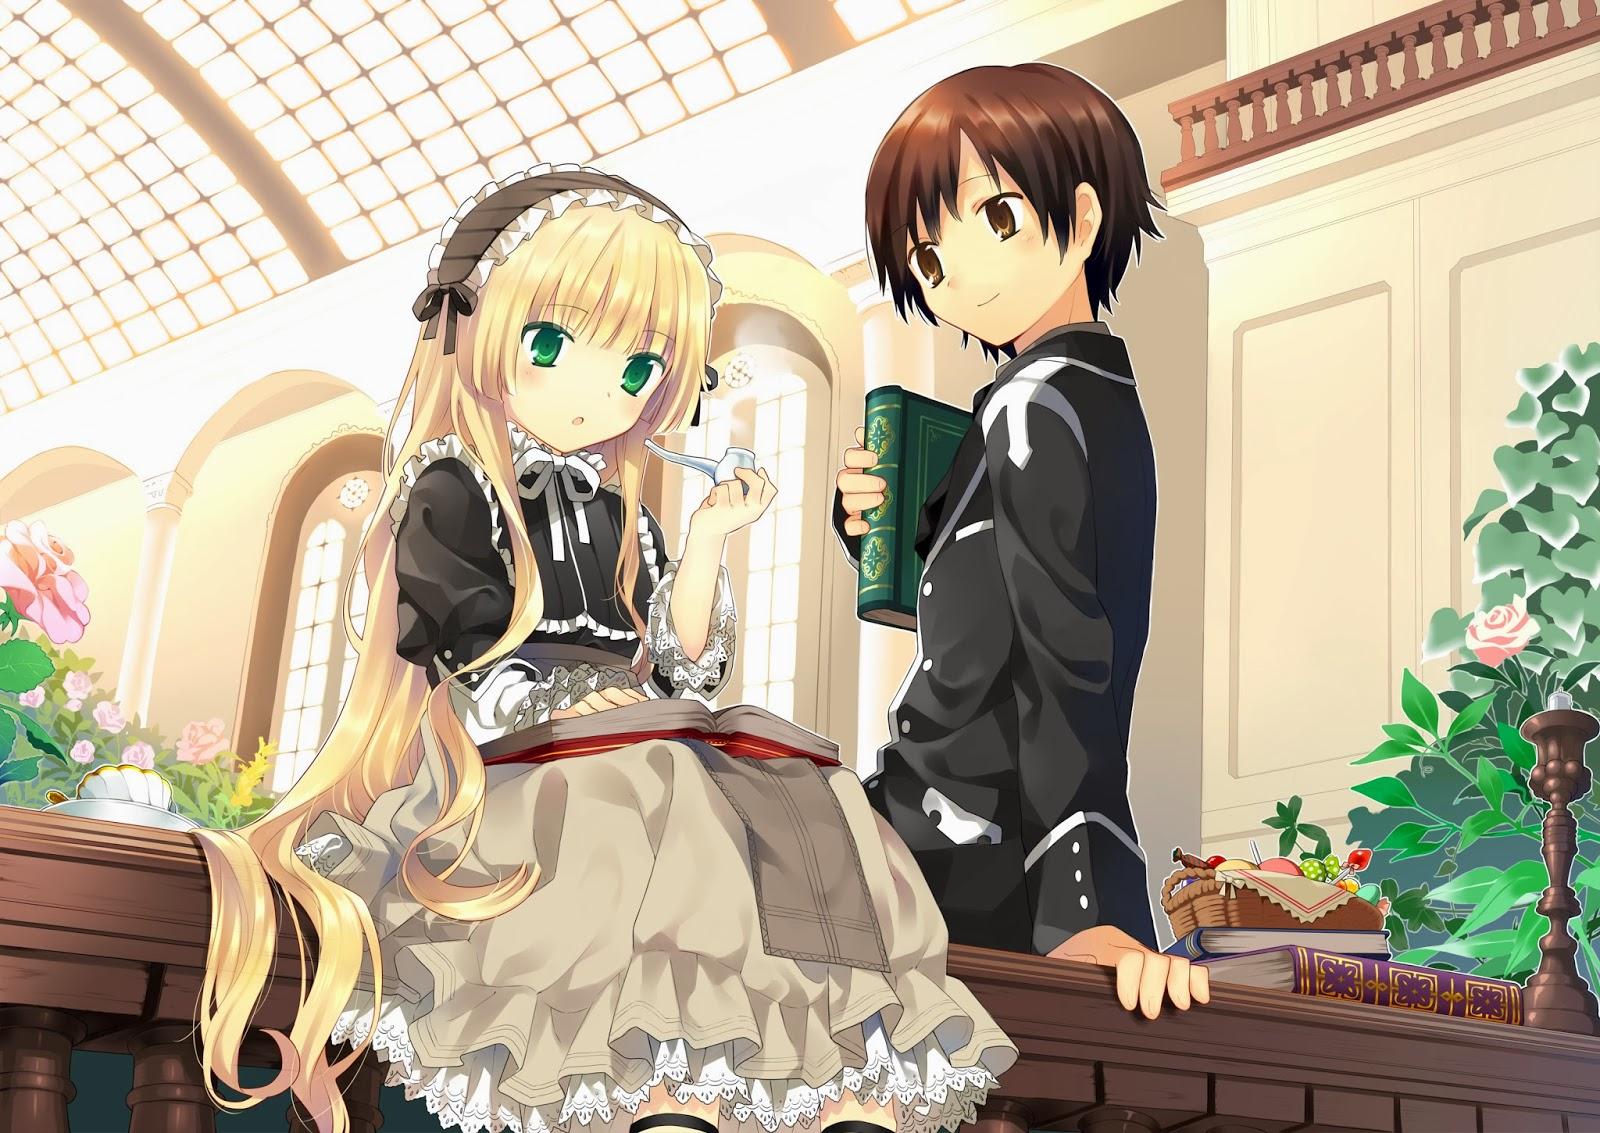 Bagi Yang Suka Anime Dengan Tema Romance Bumbu Mistery Saya Rasa GOSICK Merupakan Salah Satu Sangat Layak Kalian Tonton